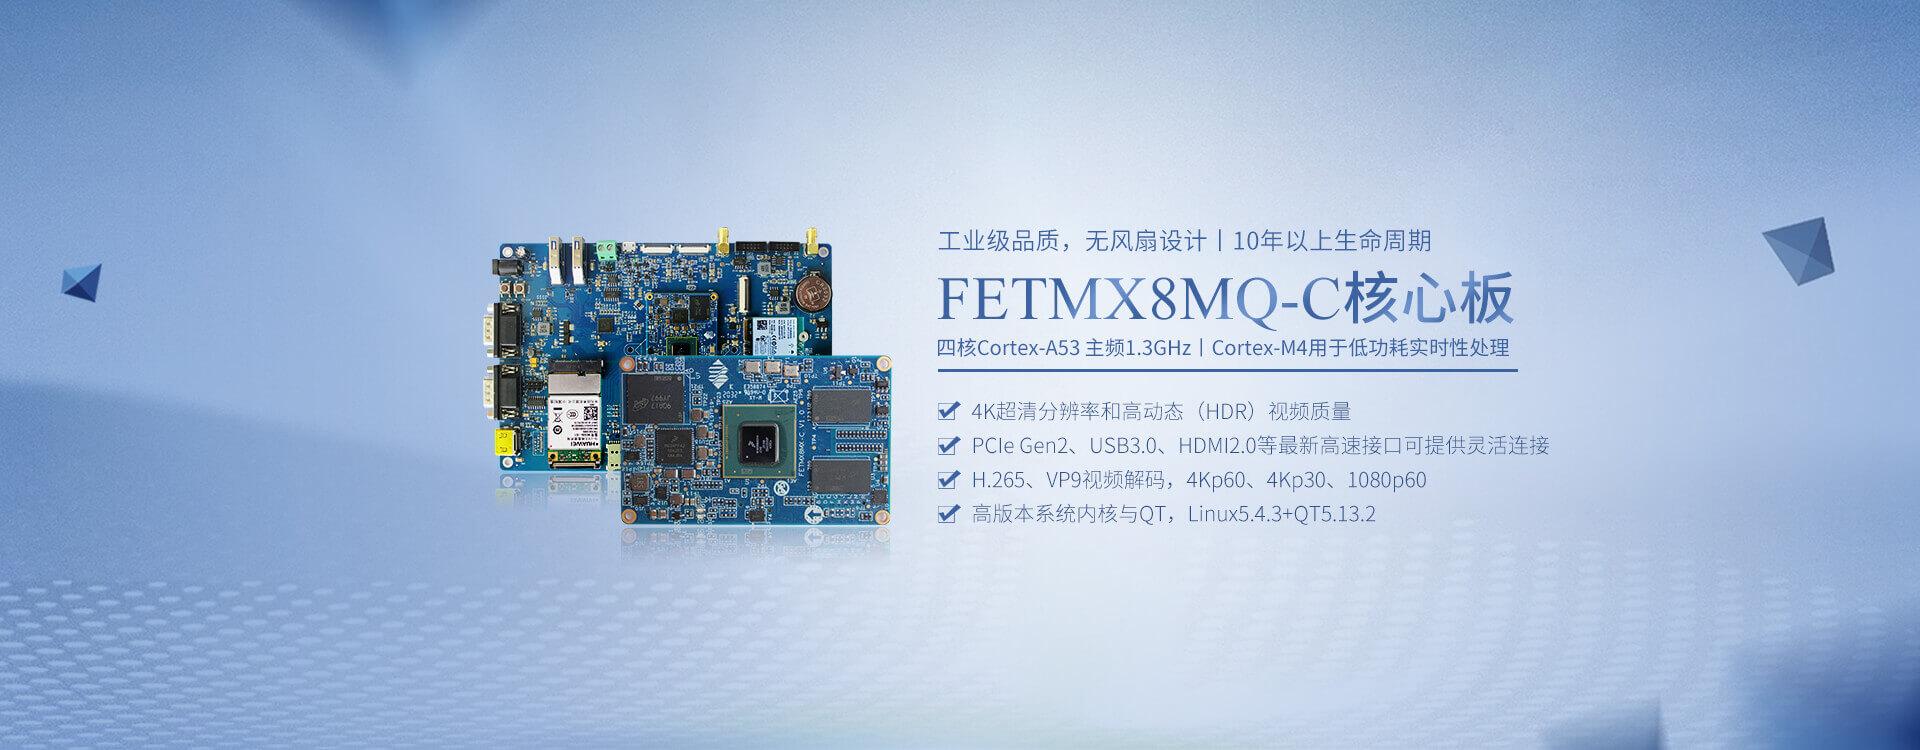 IMX8MQ核心板